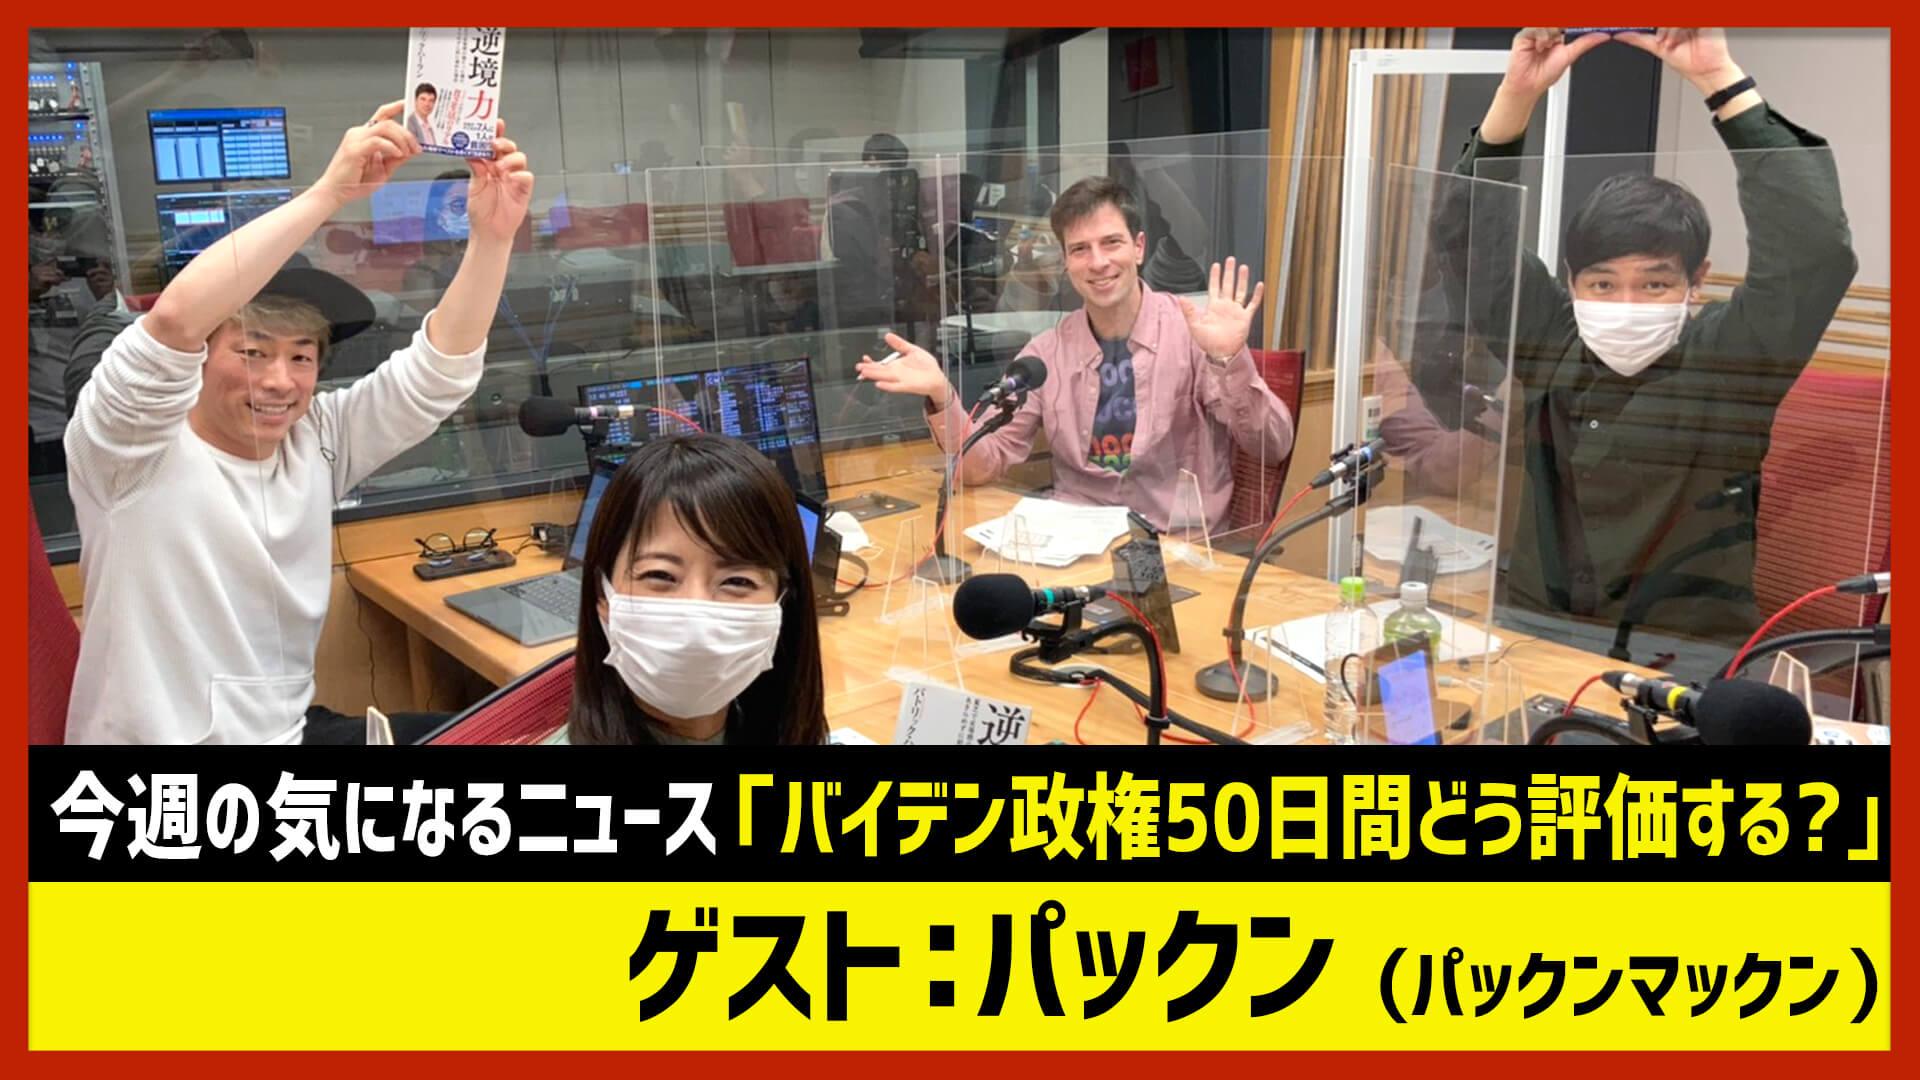 【田村淳のNewsCLUB】ゲスト: パックンさん(2021年3月13日前半)